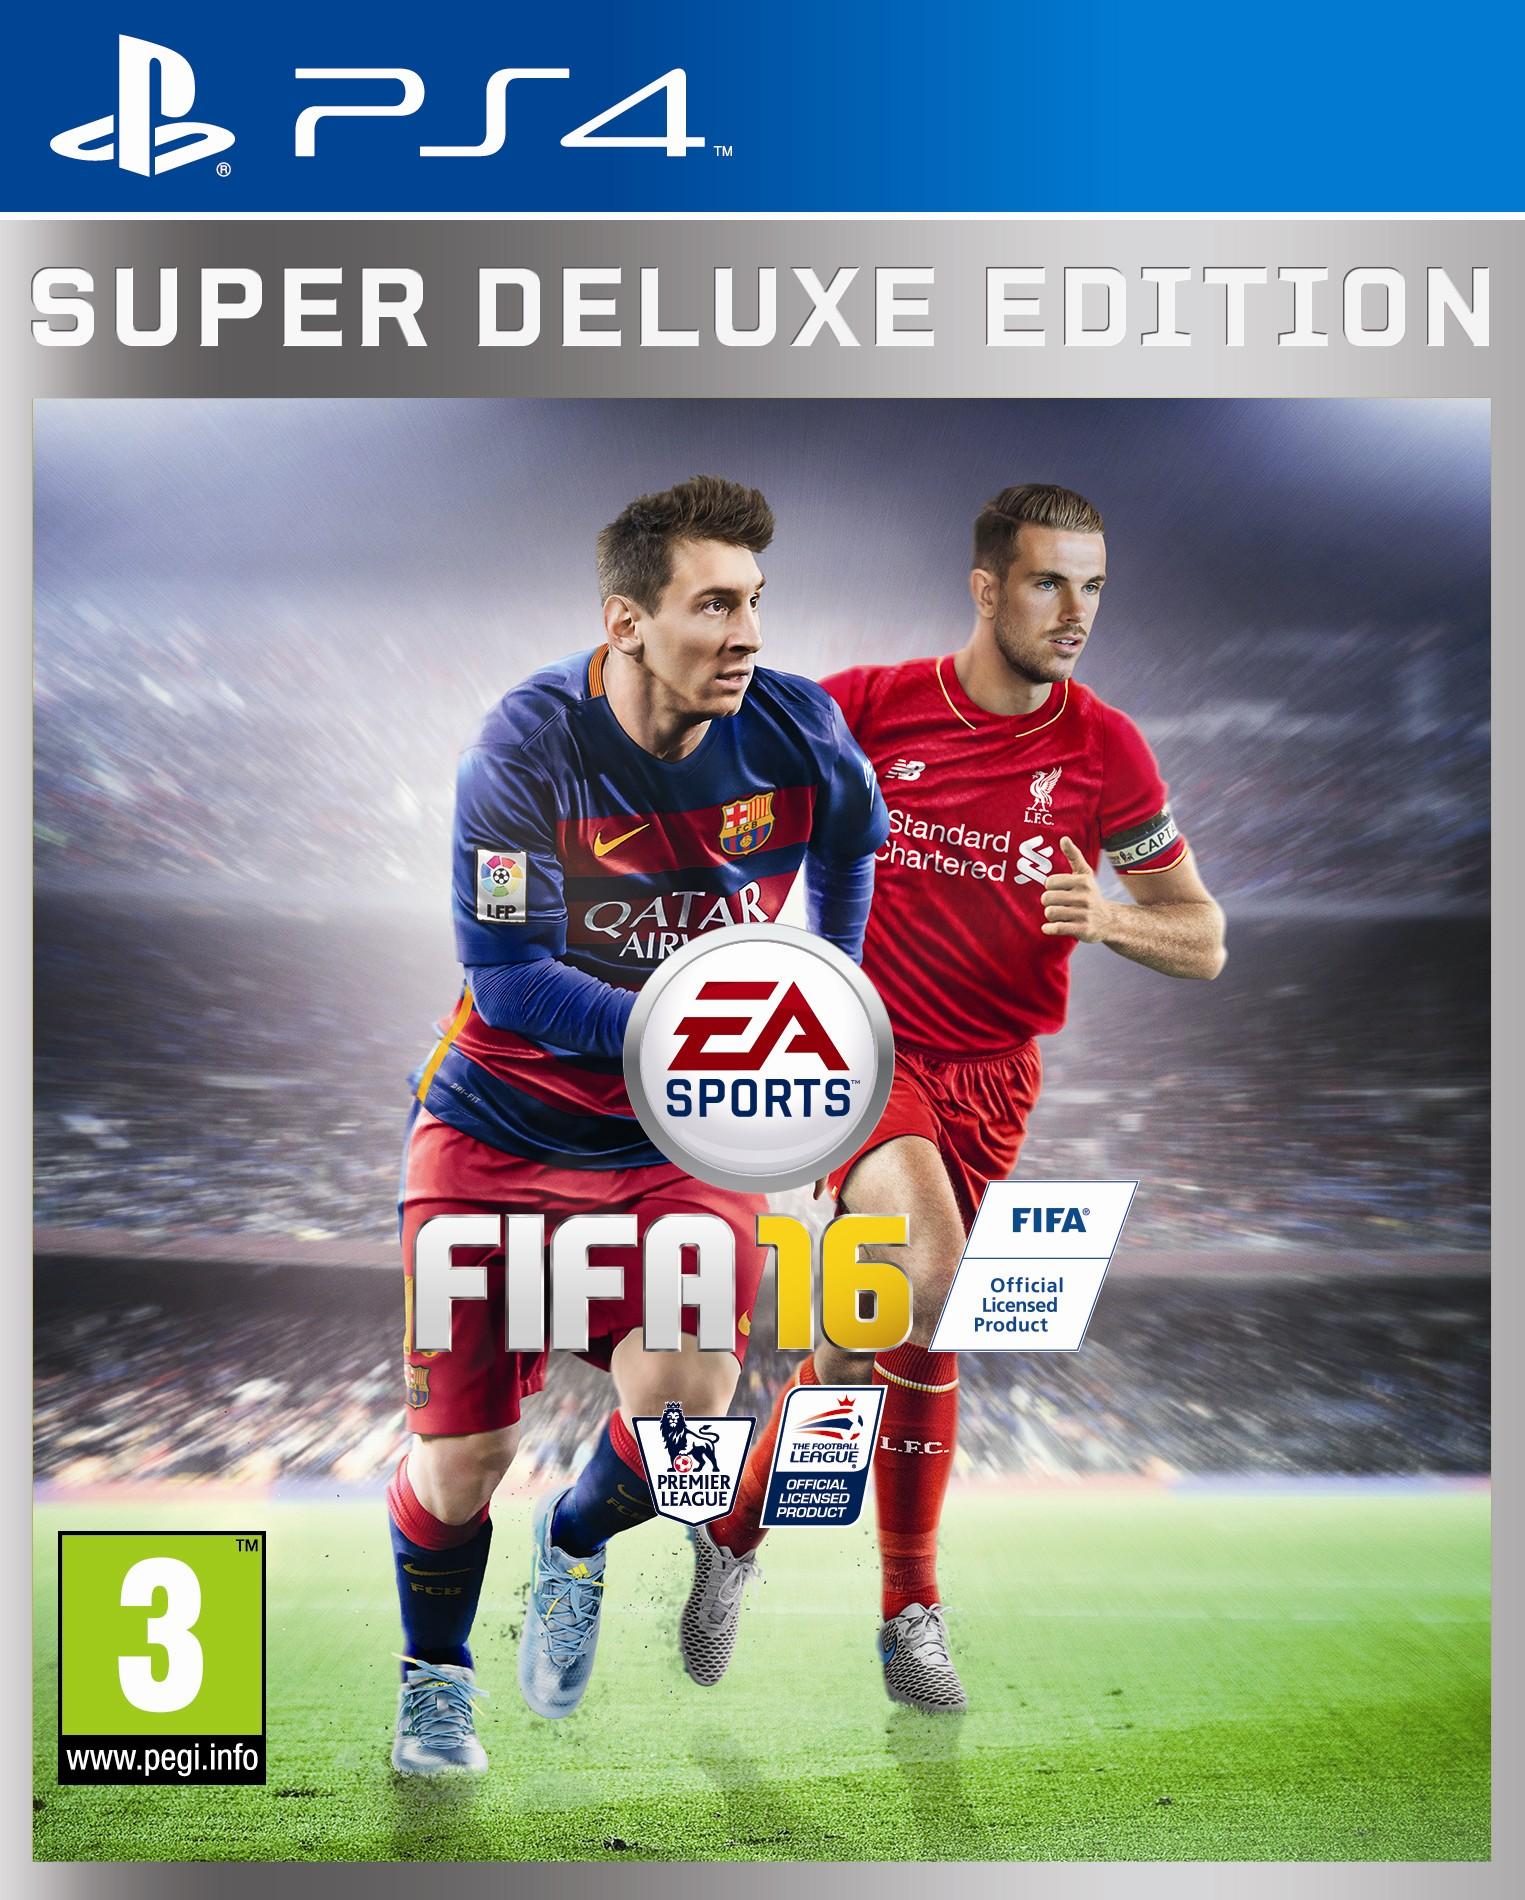 FIFA 16 Packshot